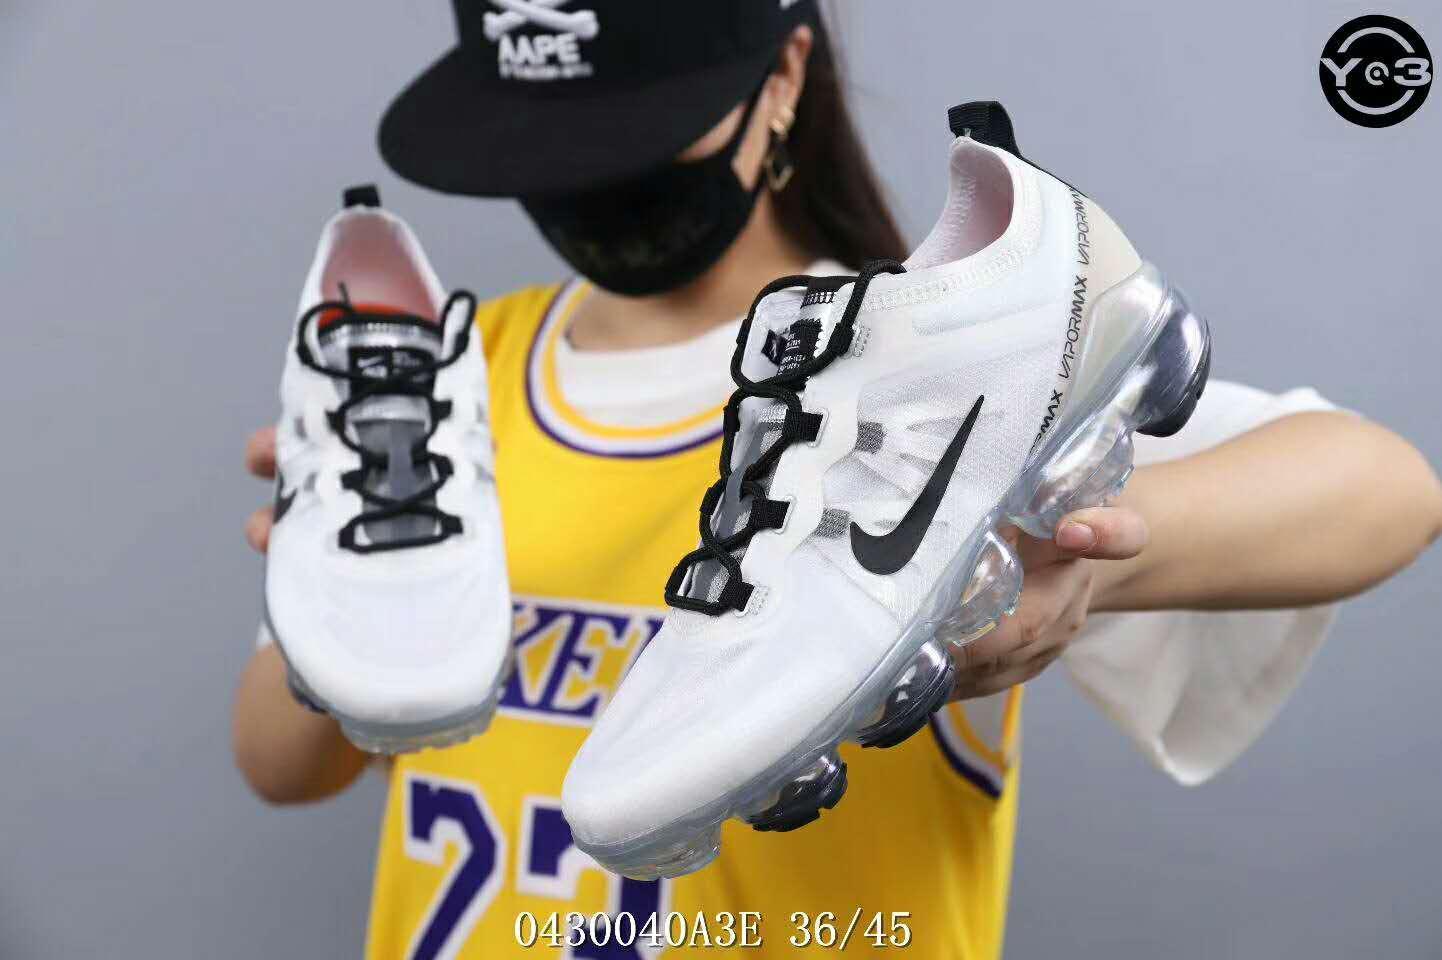 2020 novos tênis de corrida de qualidade superior BAUHAUS ÓPTICO triplo preto moda mens trainer respirável sports sneakers tamanho 36-45